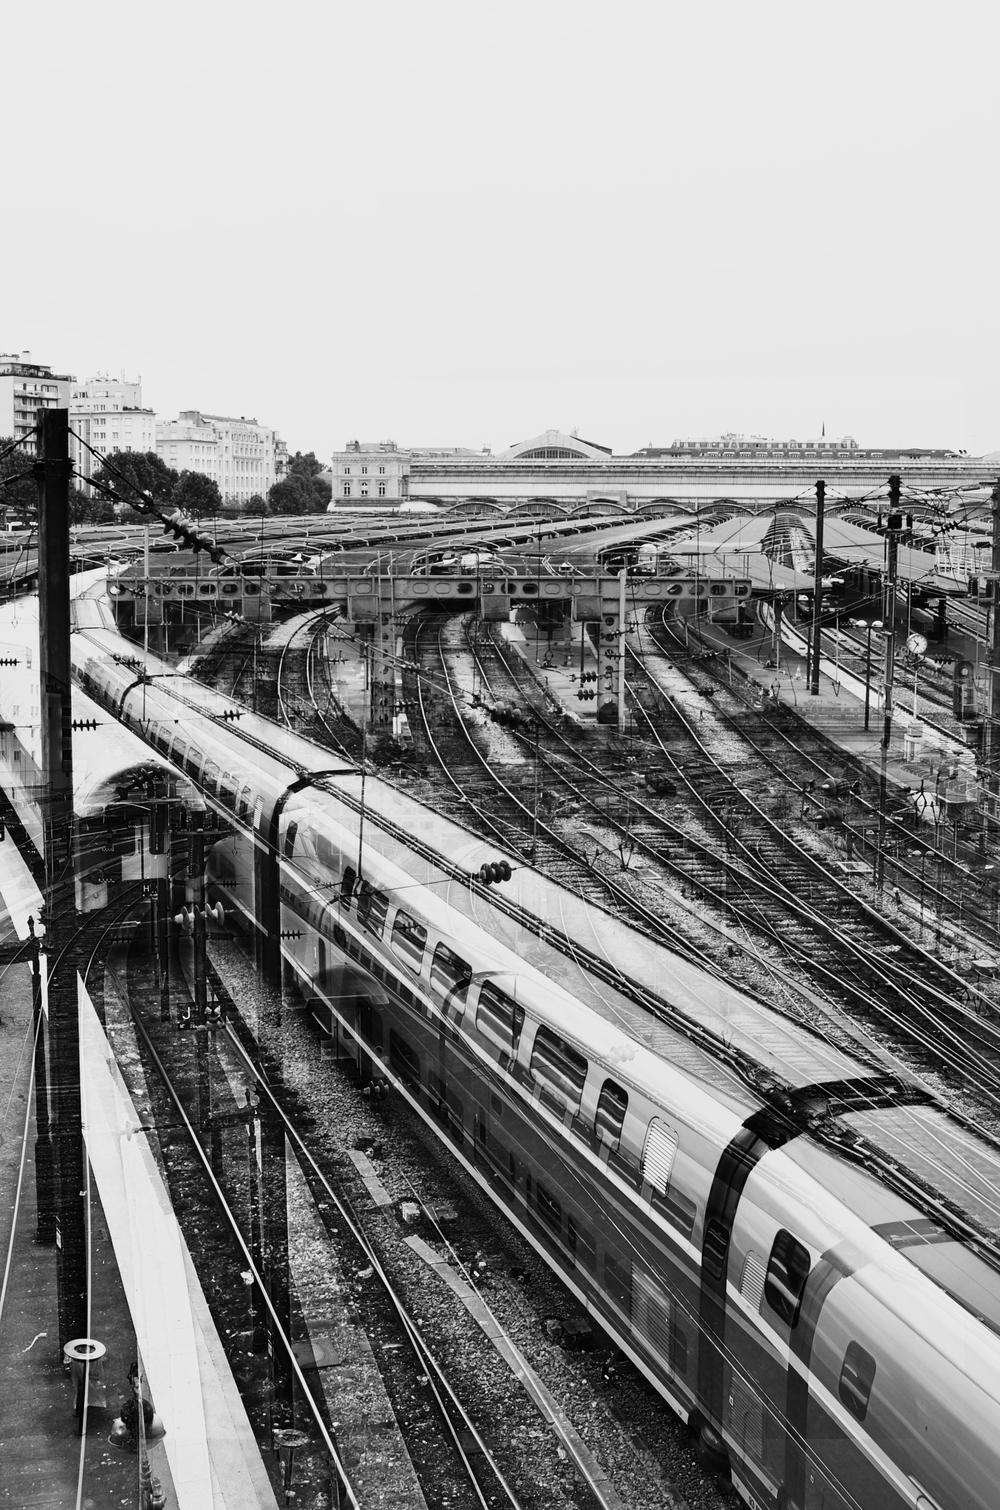 tracks ontracks at gare du nord